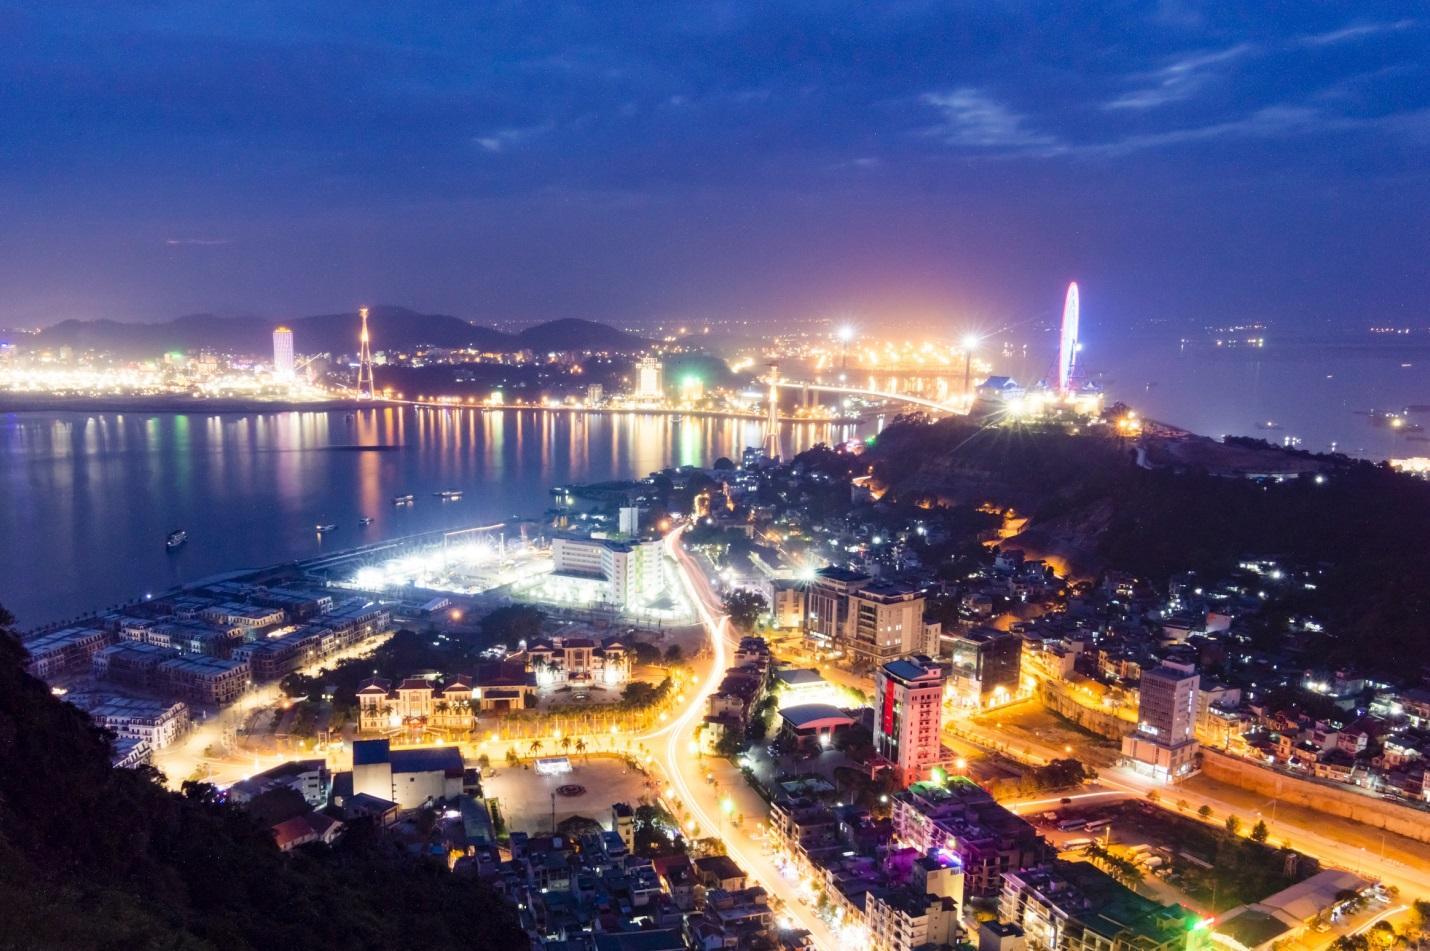 Vịnh Thiên Đường – Kỳ quan thứ 2 của Hạ Long